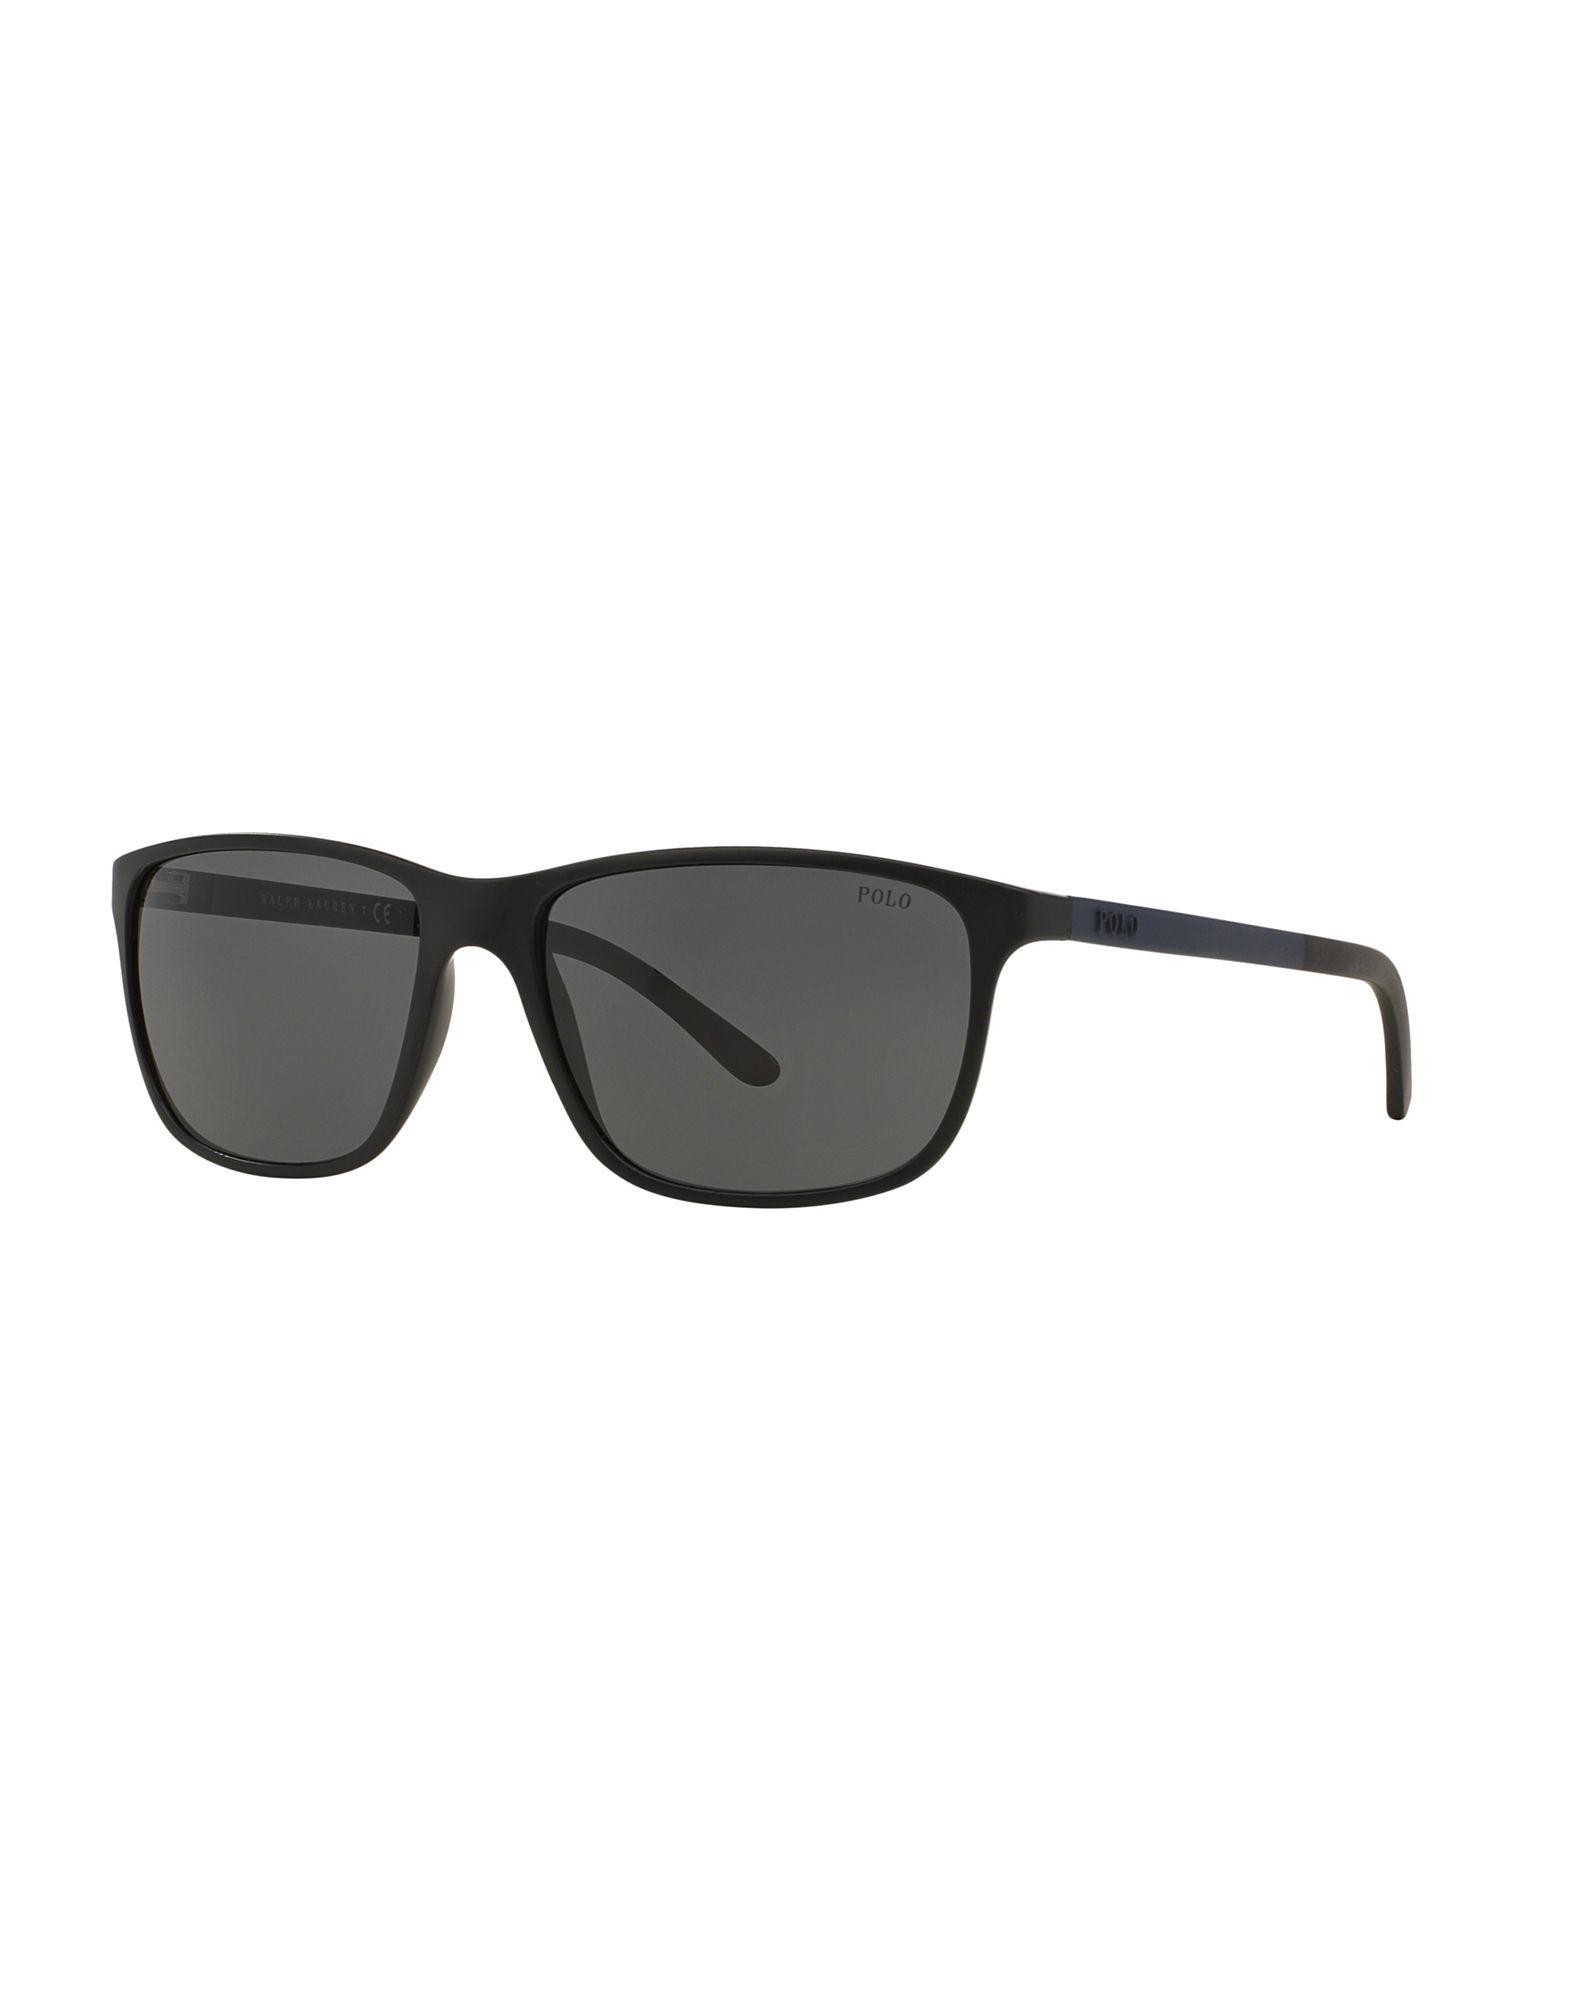 Occhiali Da Sole Polo Ralph Lauren Ph4092 - Uomo - Acquista online su